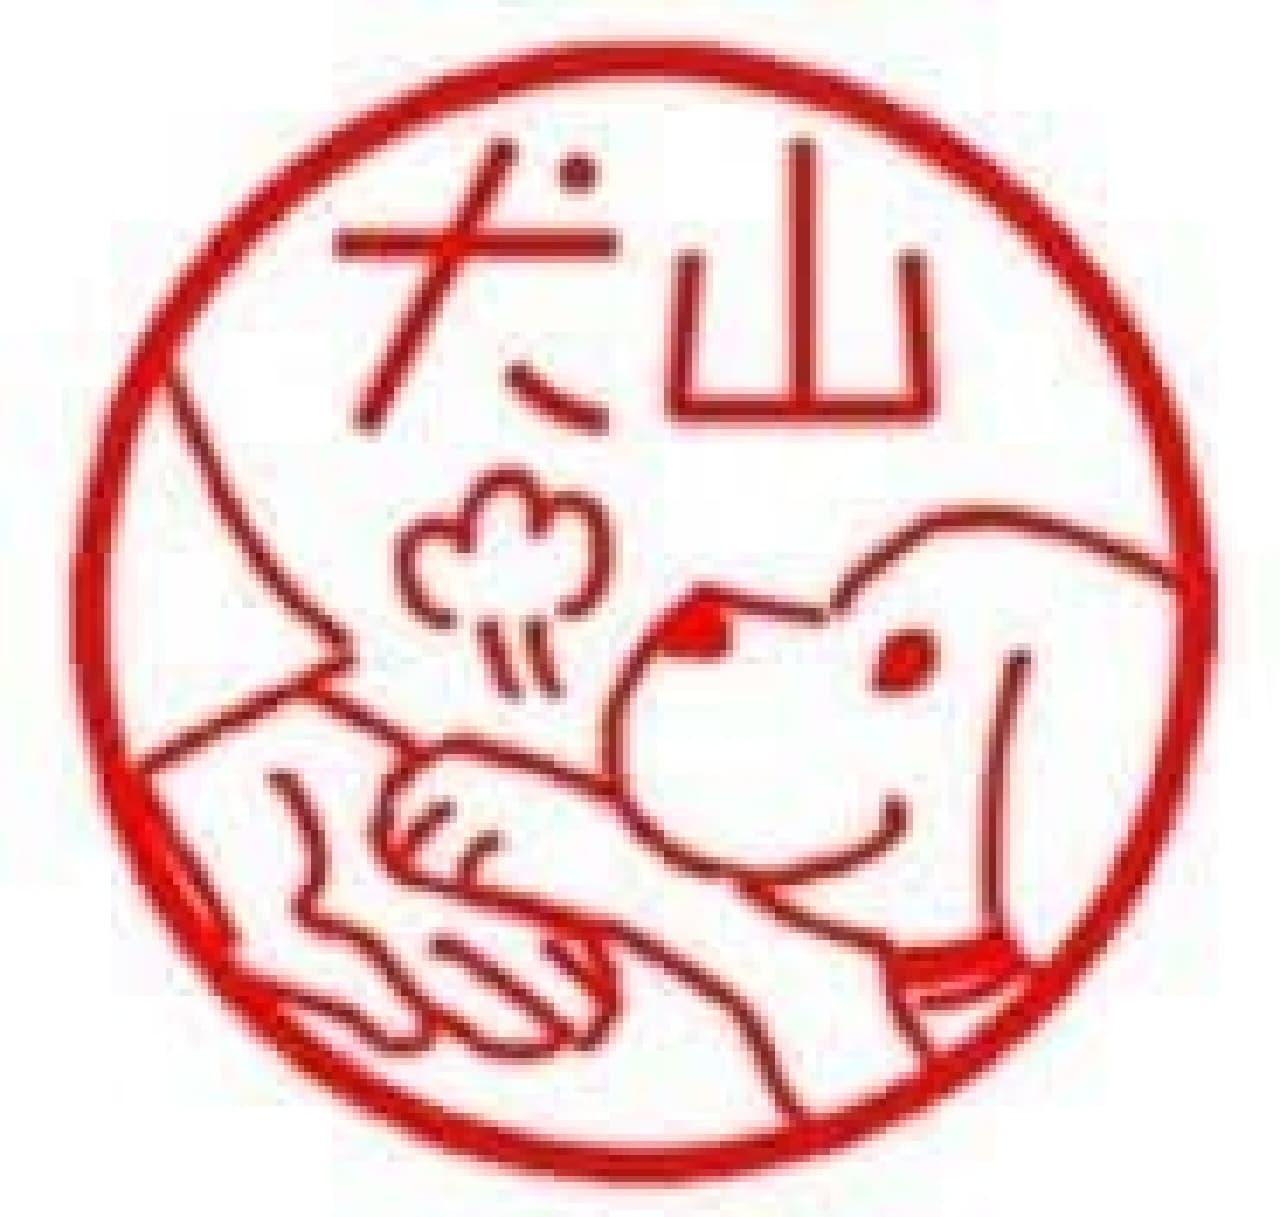 期間限定ショップ「ずかんミュージアム mitsukoshi」、3月1日オープン